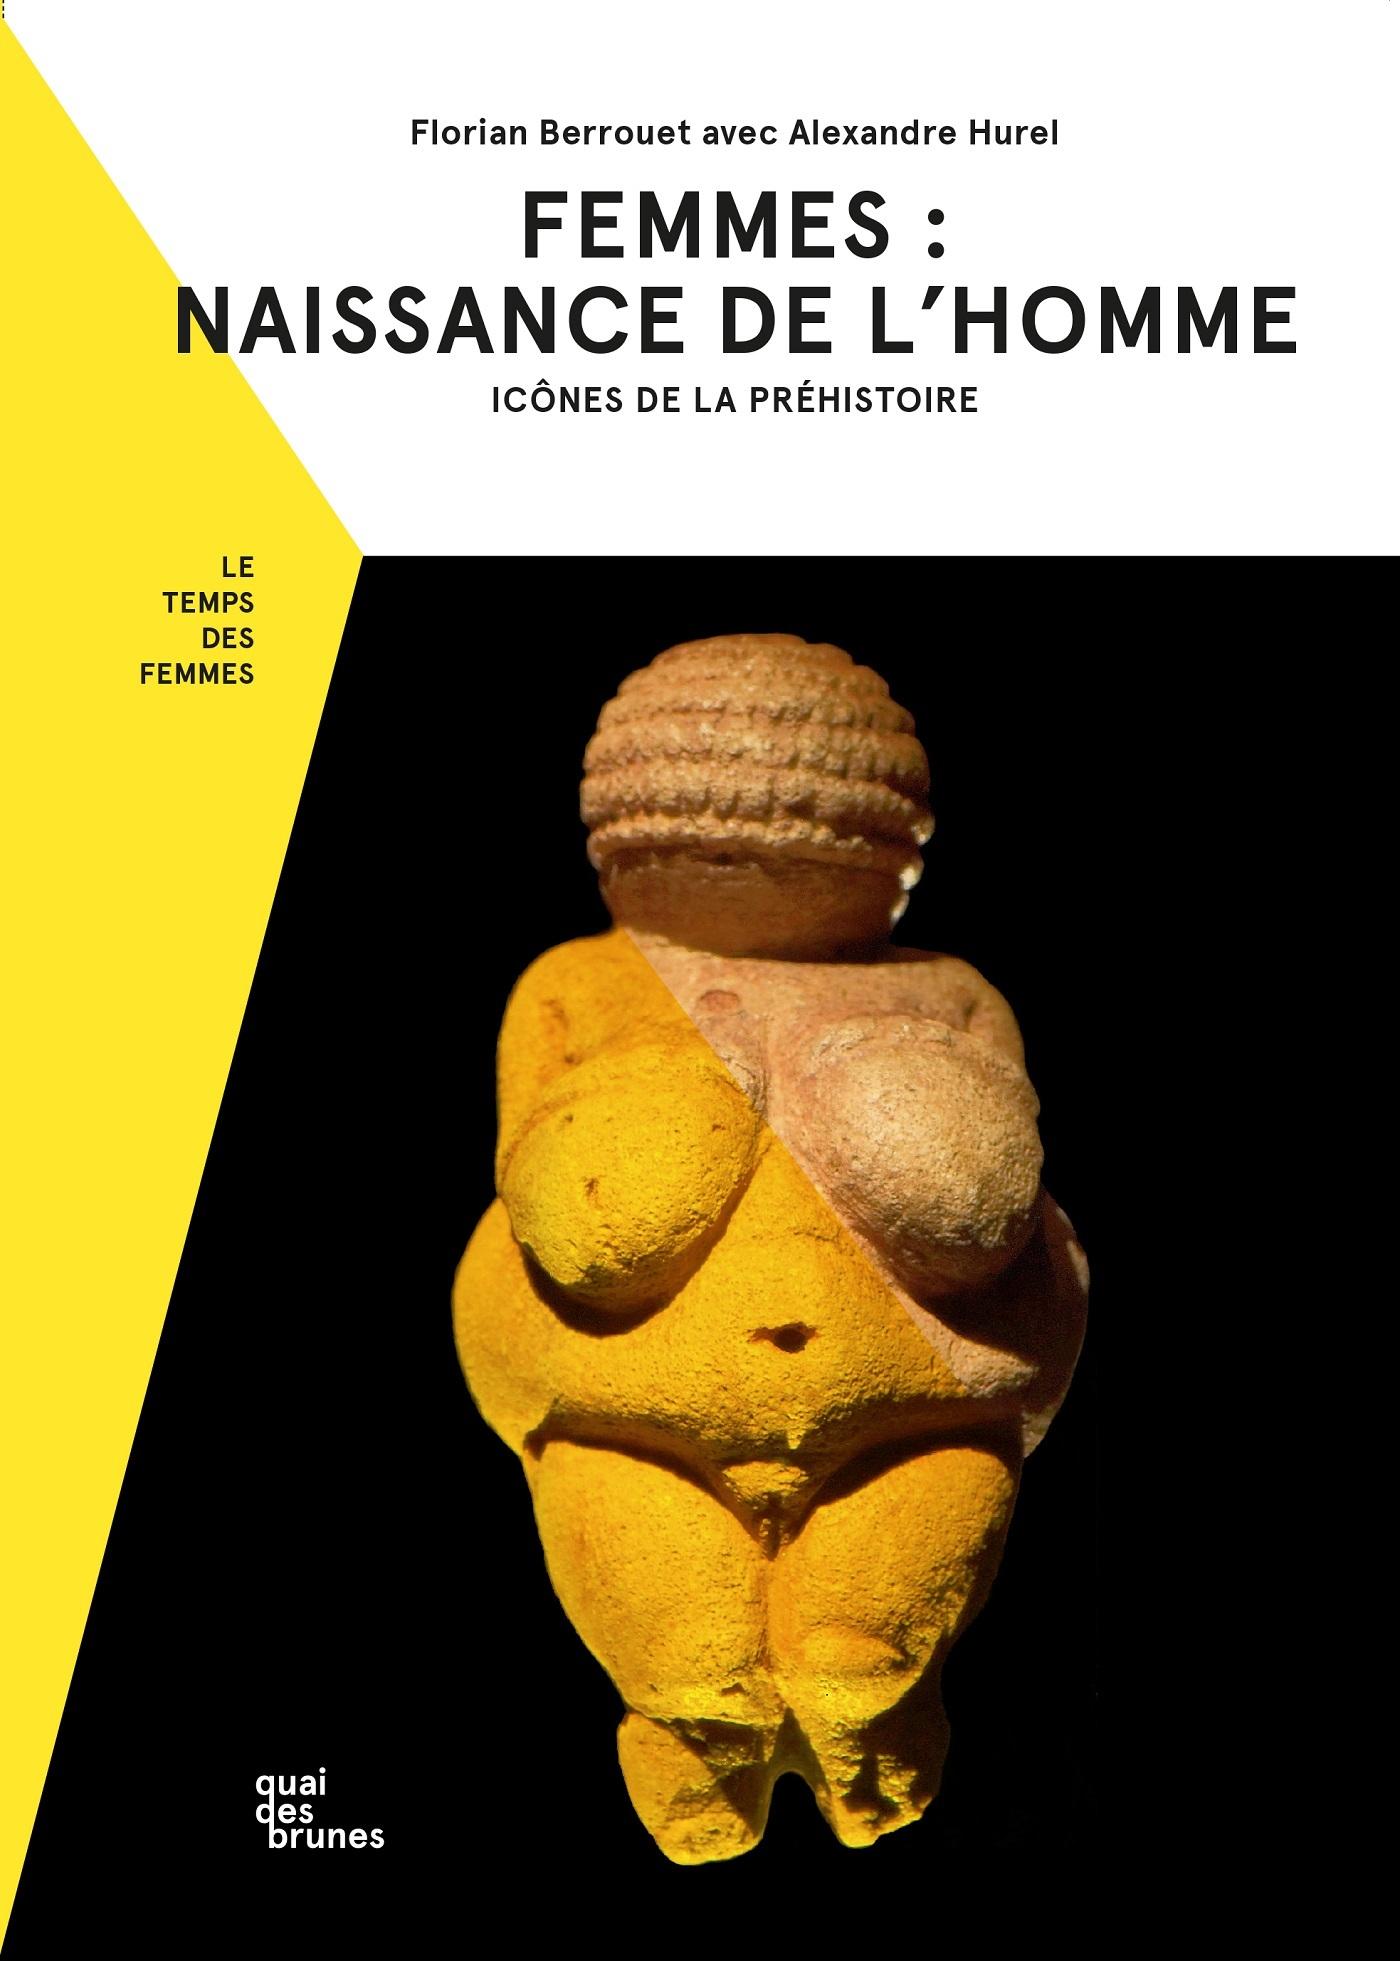 FEMMES : NAISSANCE DE L'HOMME